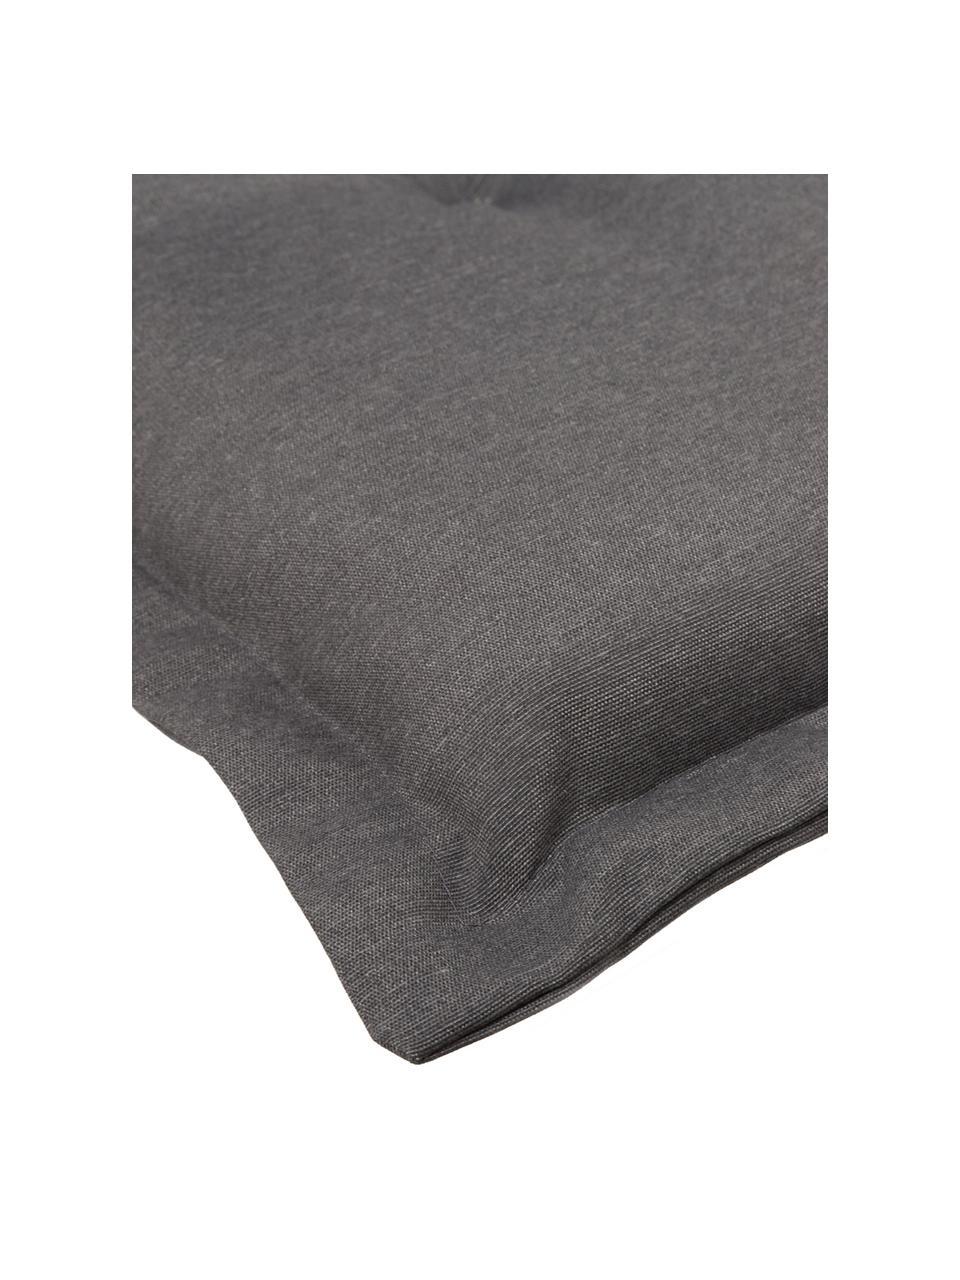 Poduszka na krzesło z oparciem Panama, Tapicerka: 50% bawełna, 50%polieste, Szary, S 50 x D 123 cm